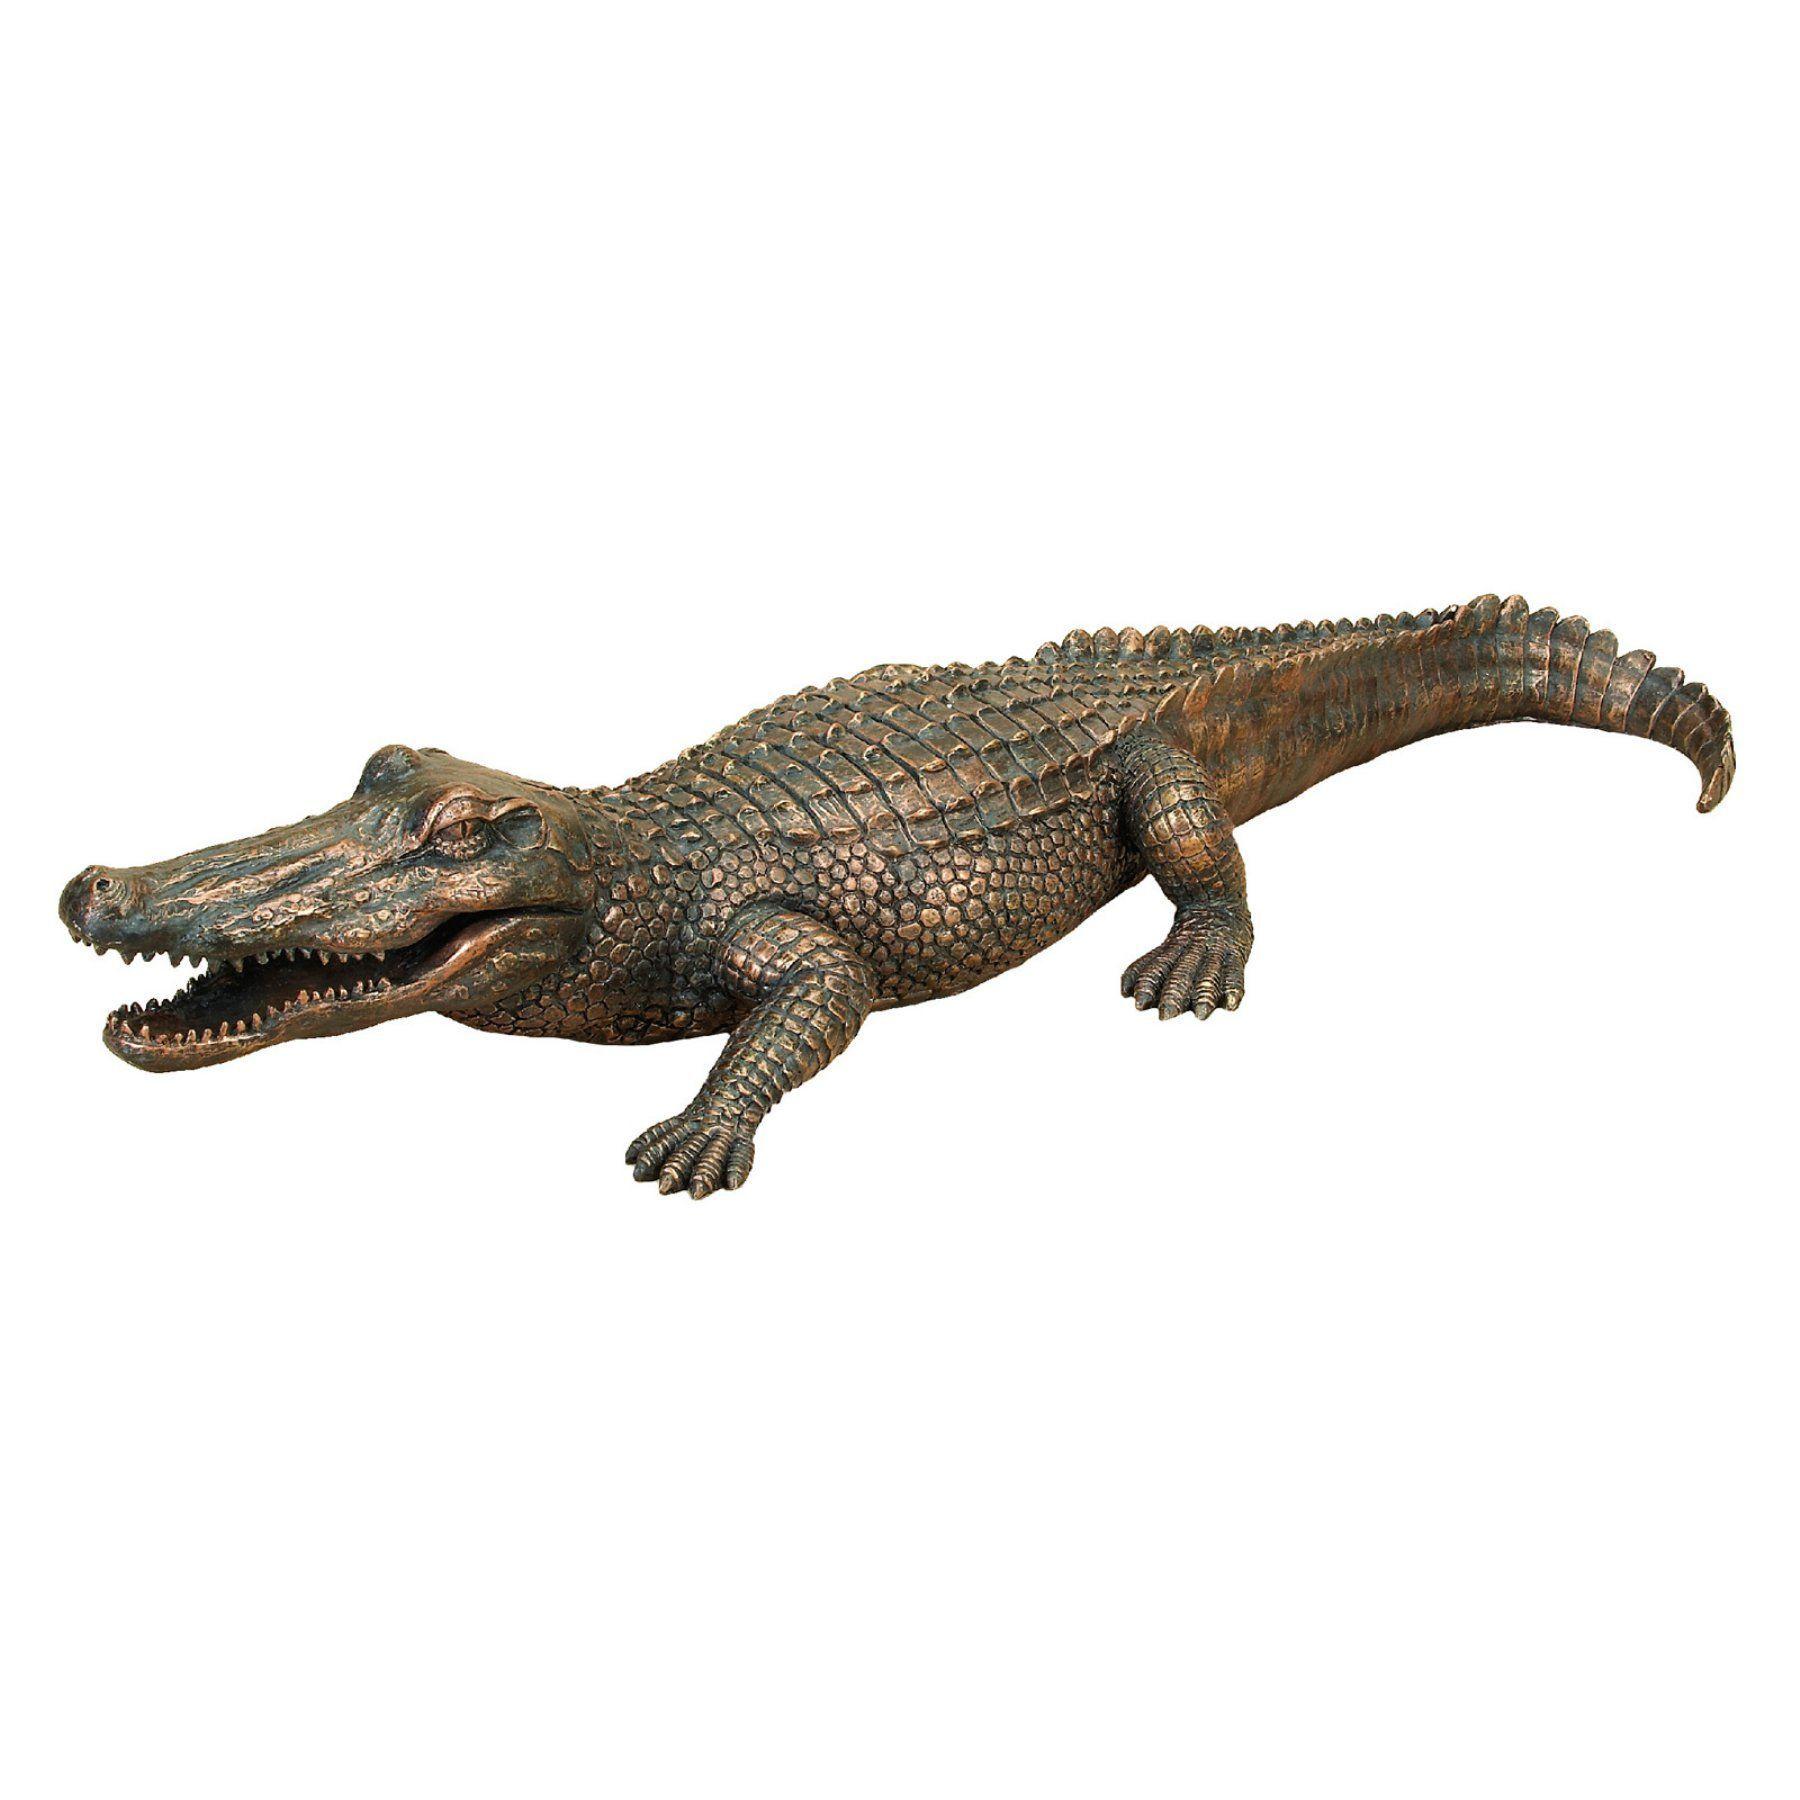 DecMode Alligator Garden Sculpture   75442